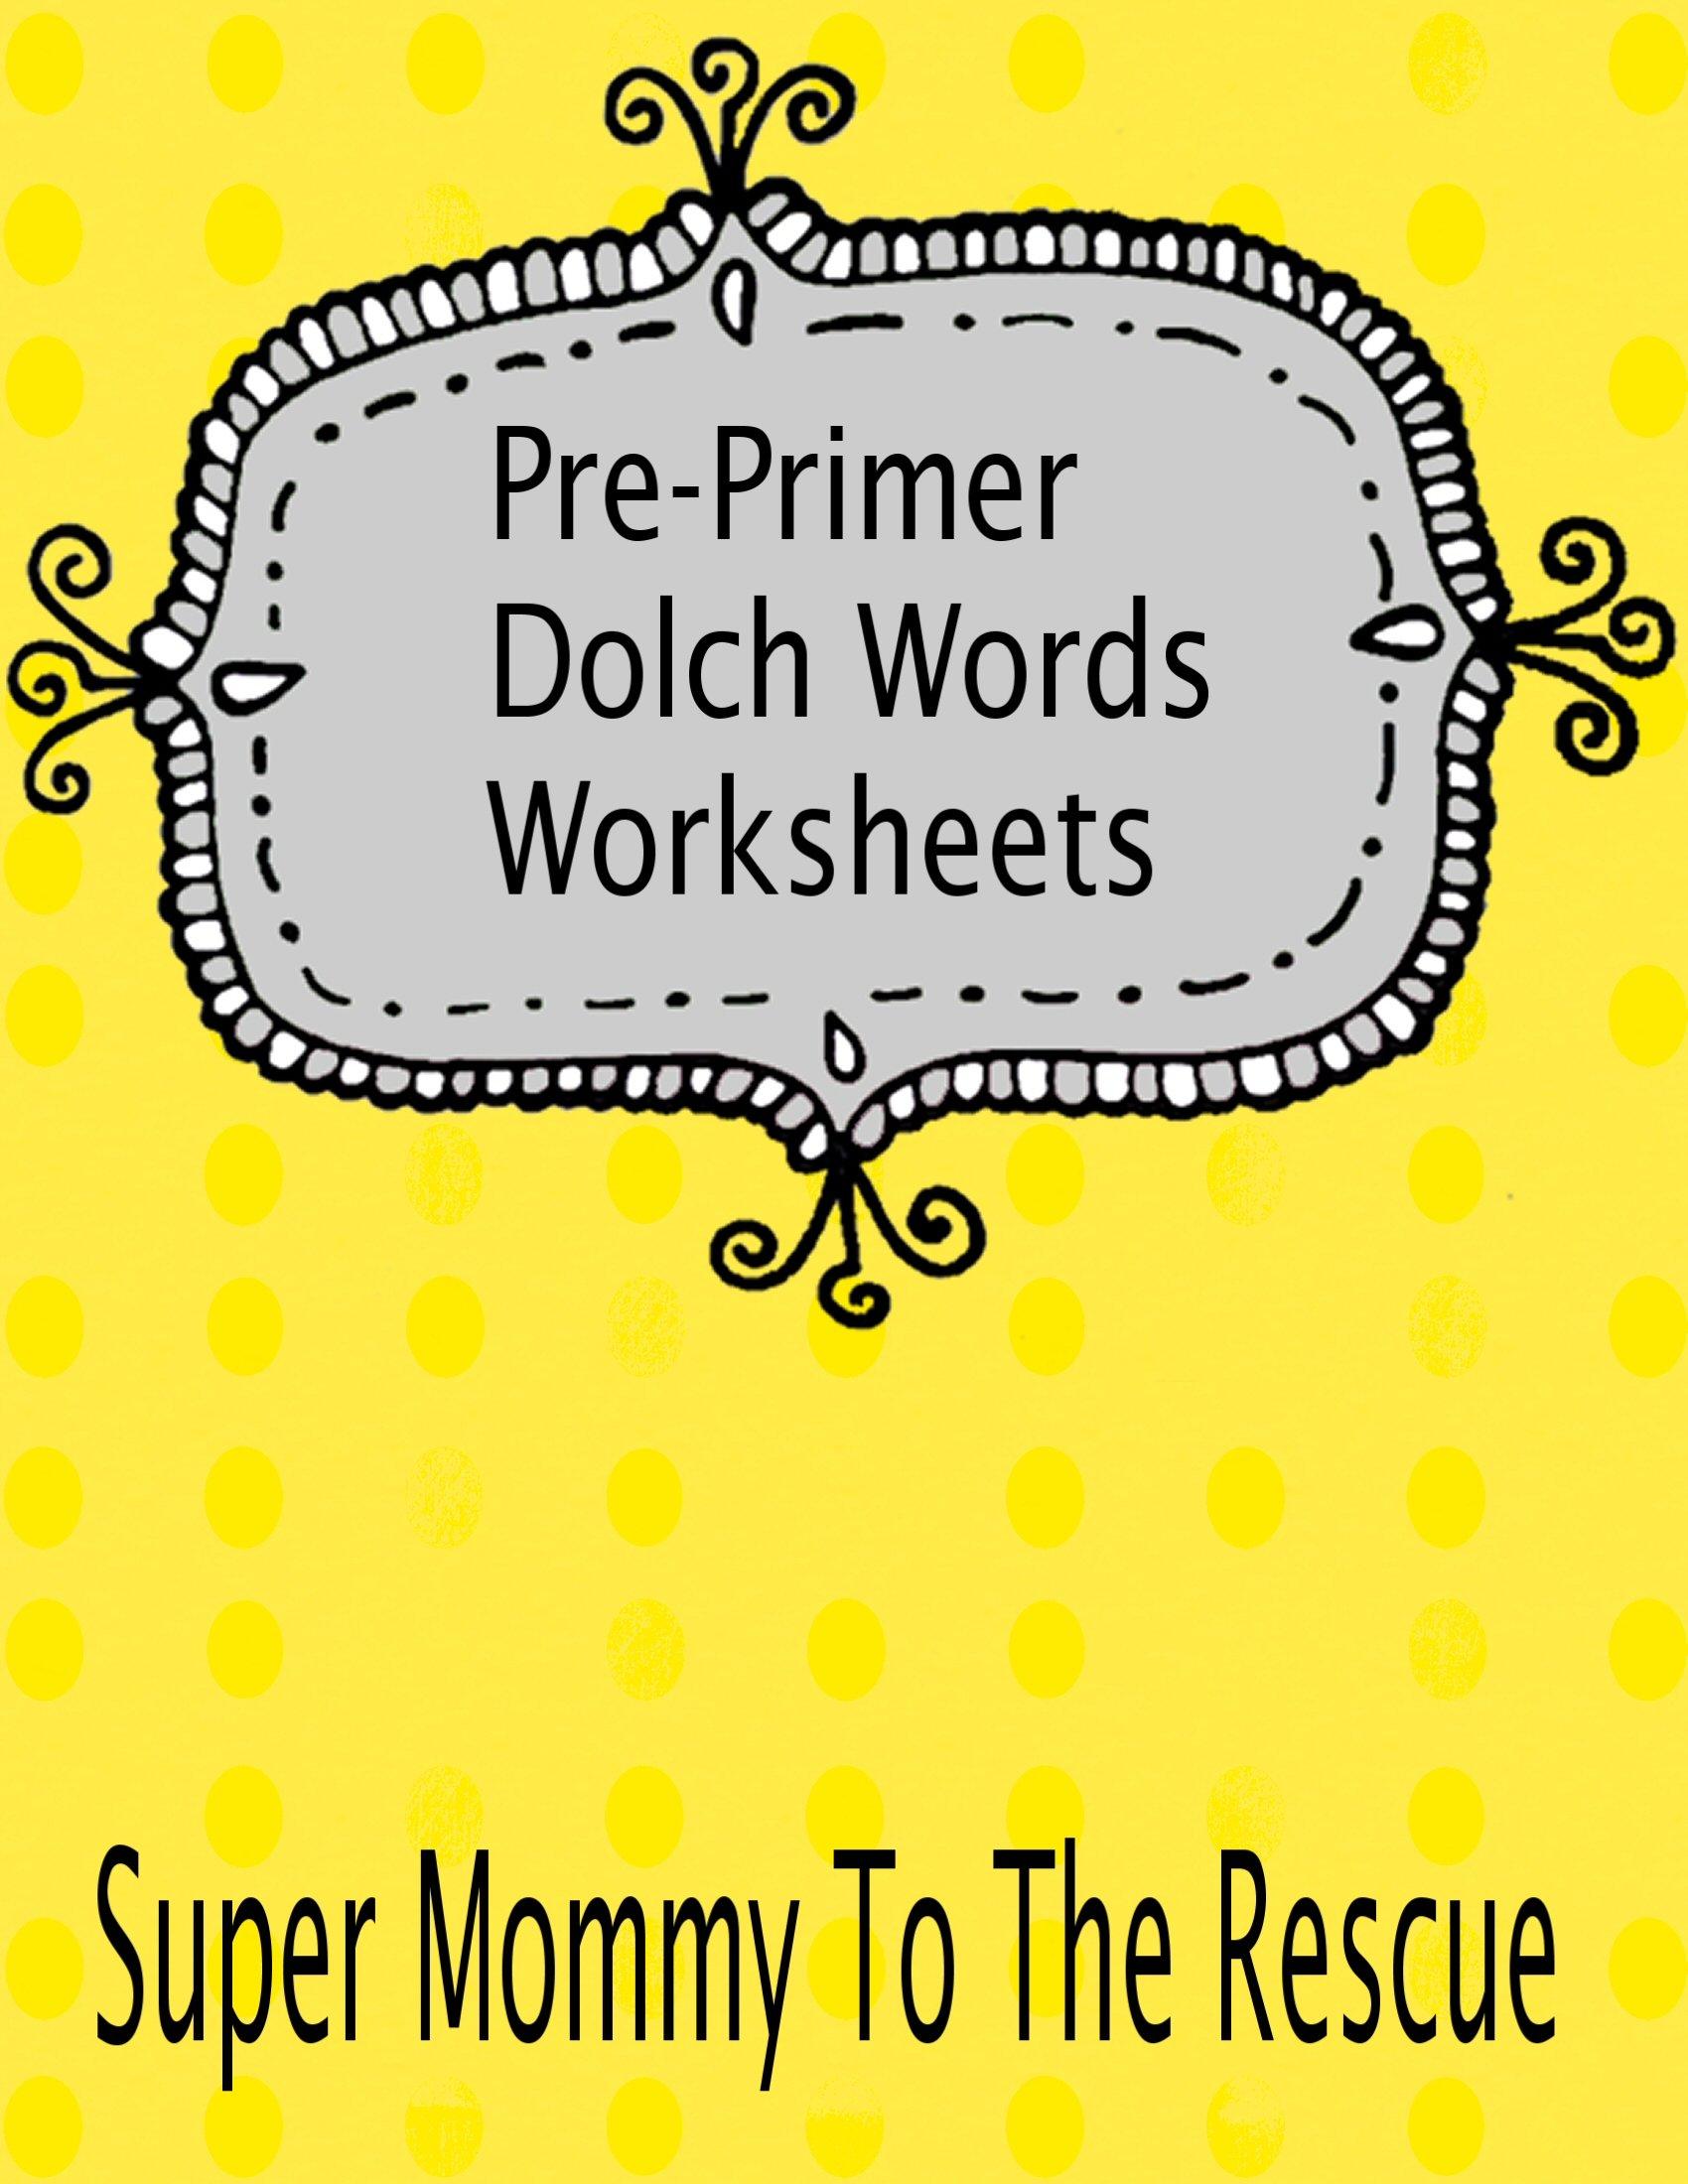 Preprimer Dolch Words Worksheets Now Released For Pre Primer Words Worksheets